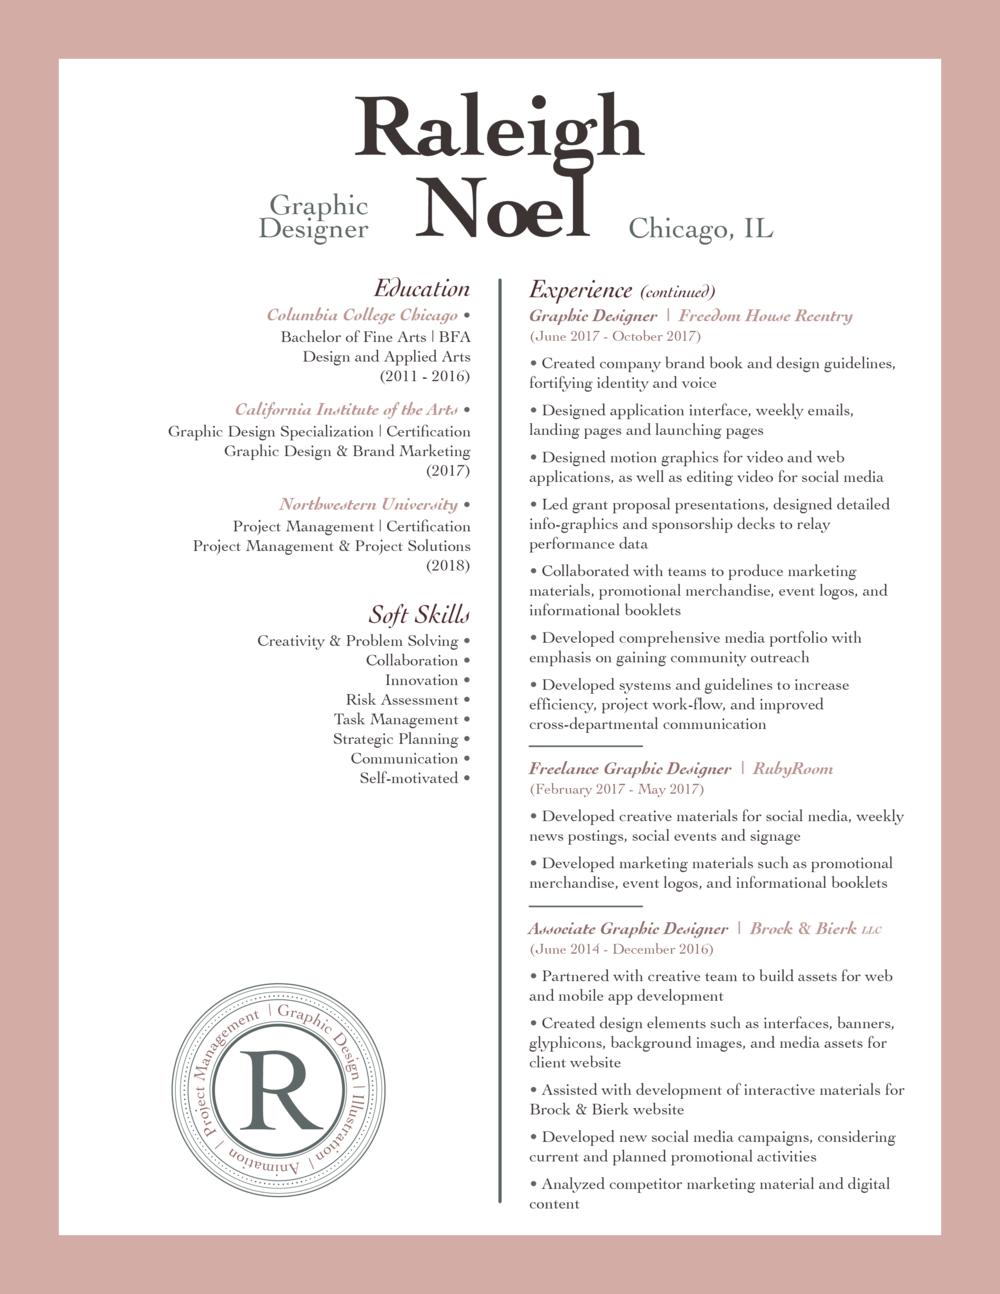 Resume Raleigh Noel